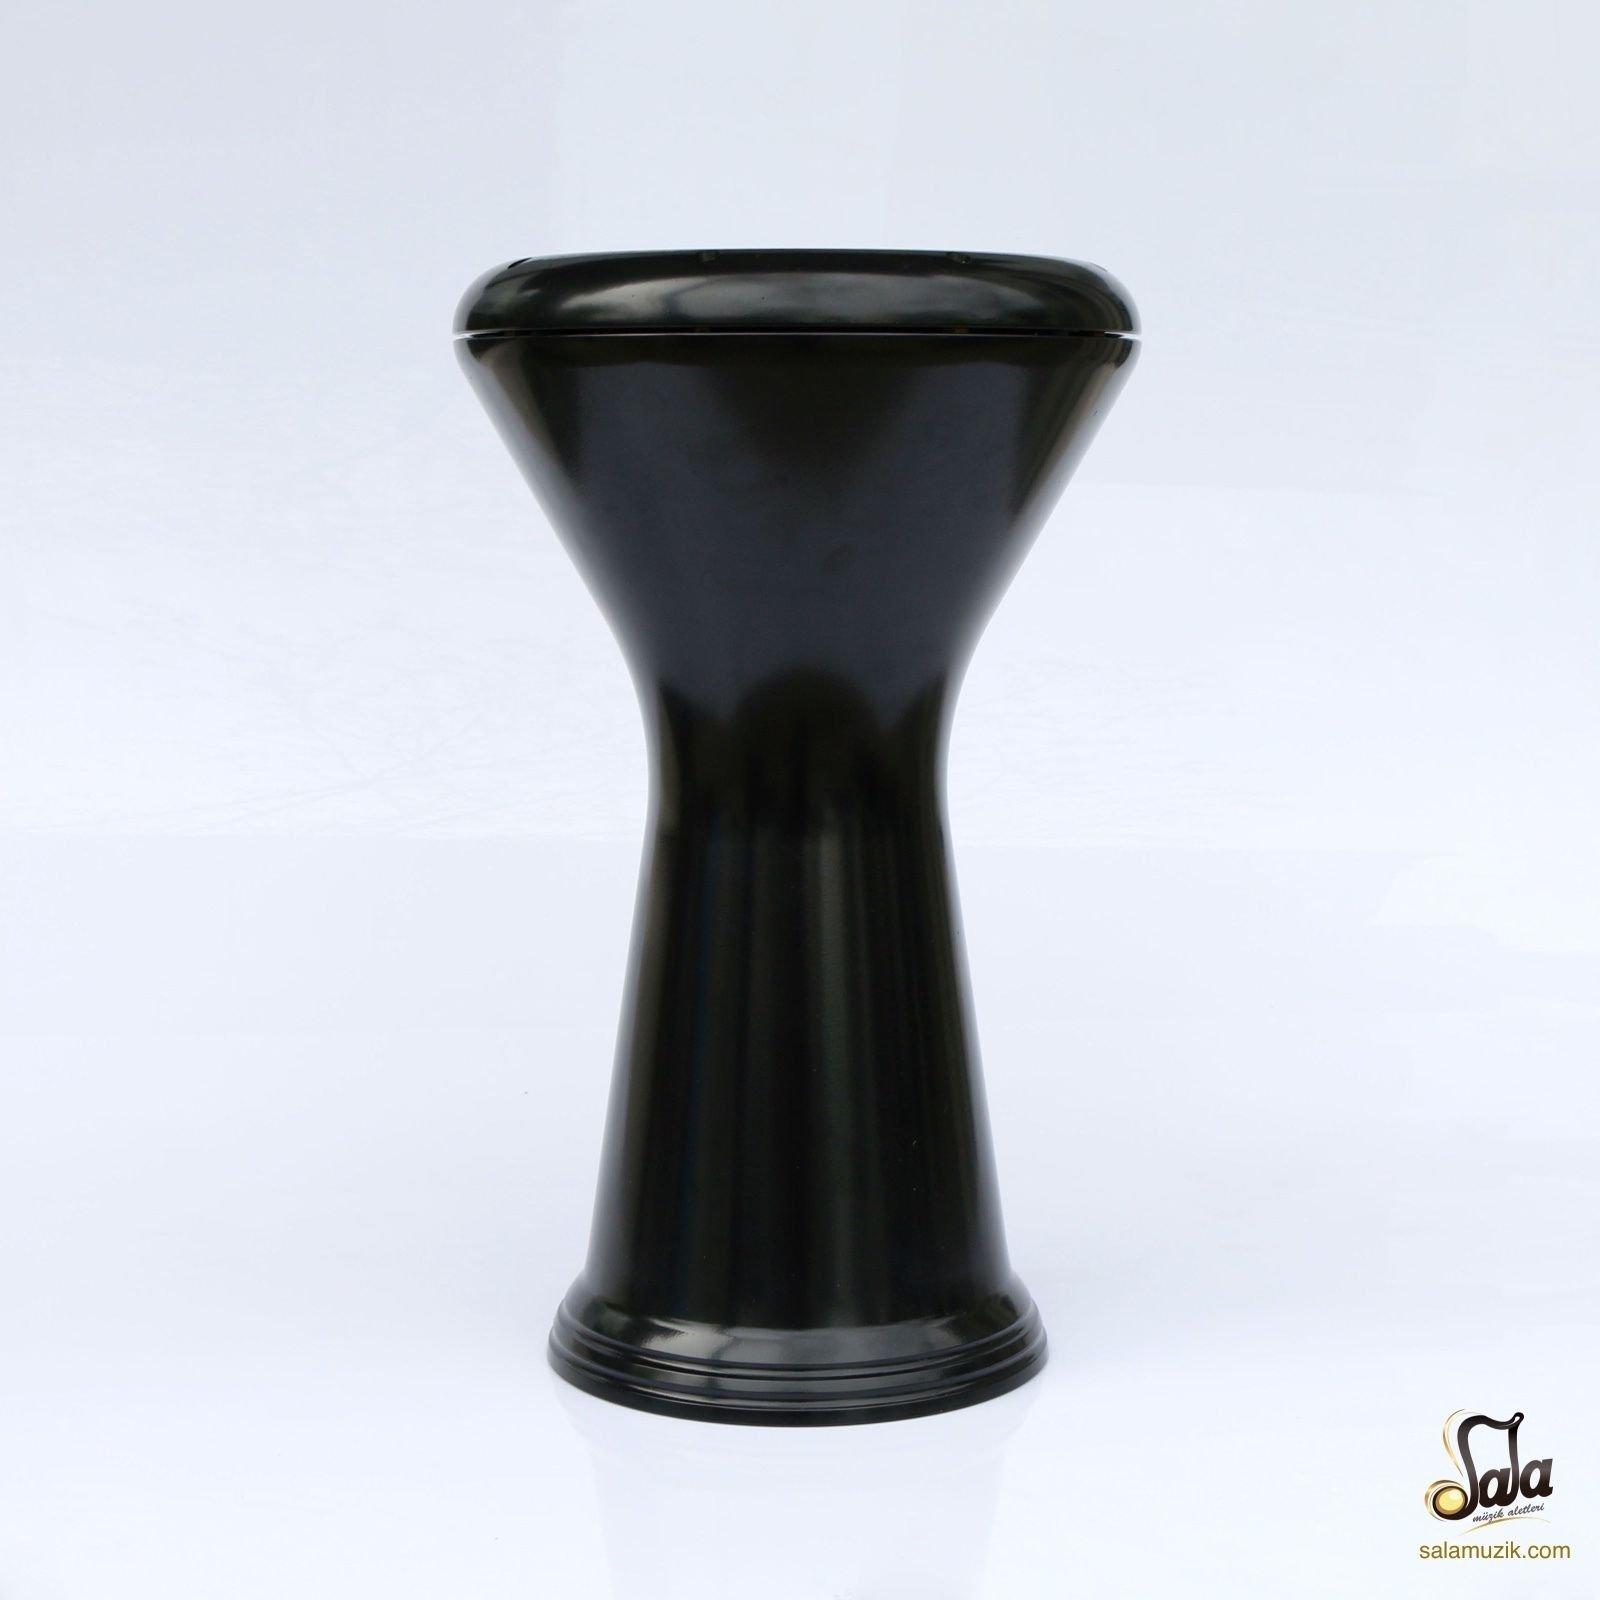 Professional Darbuka Drum Doumbek SED-423 by Sala Muzik